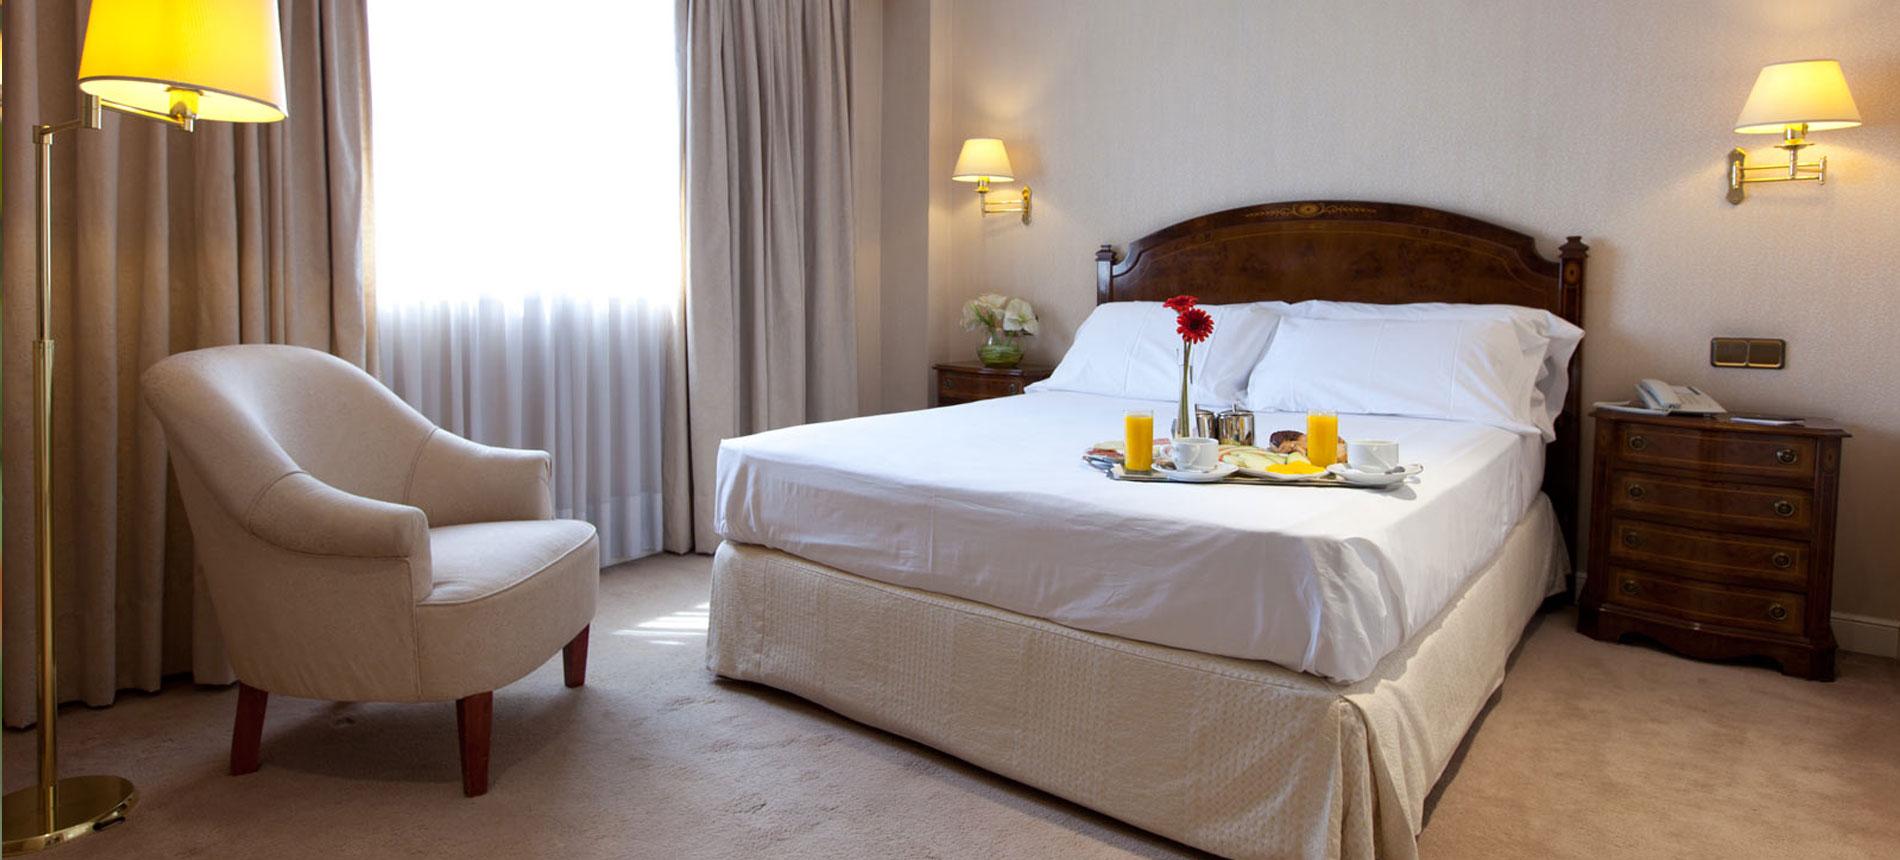 Hotel Praga Madrid Booking